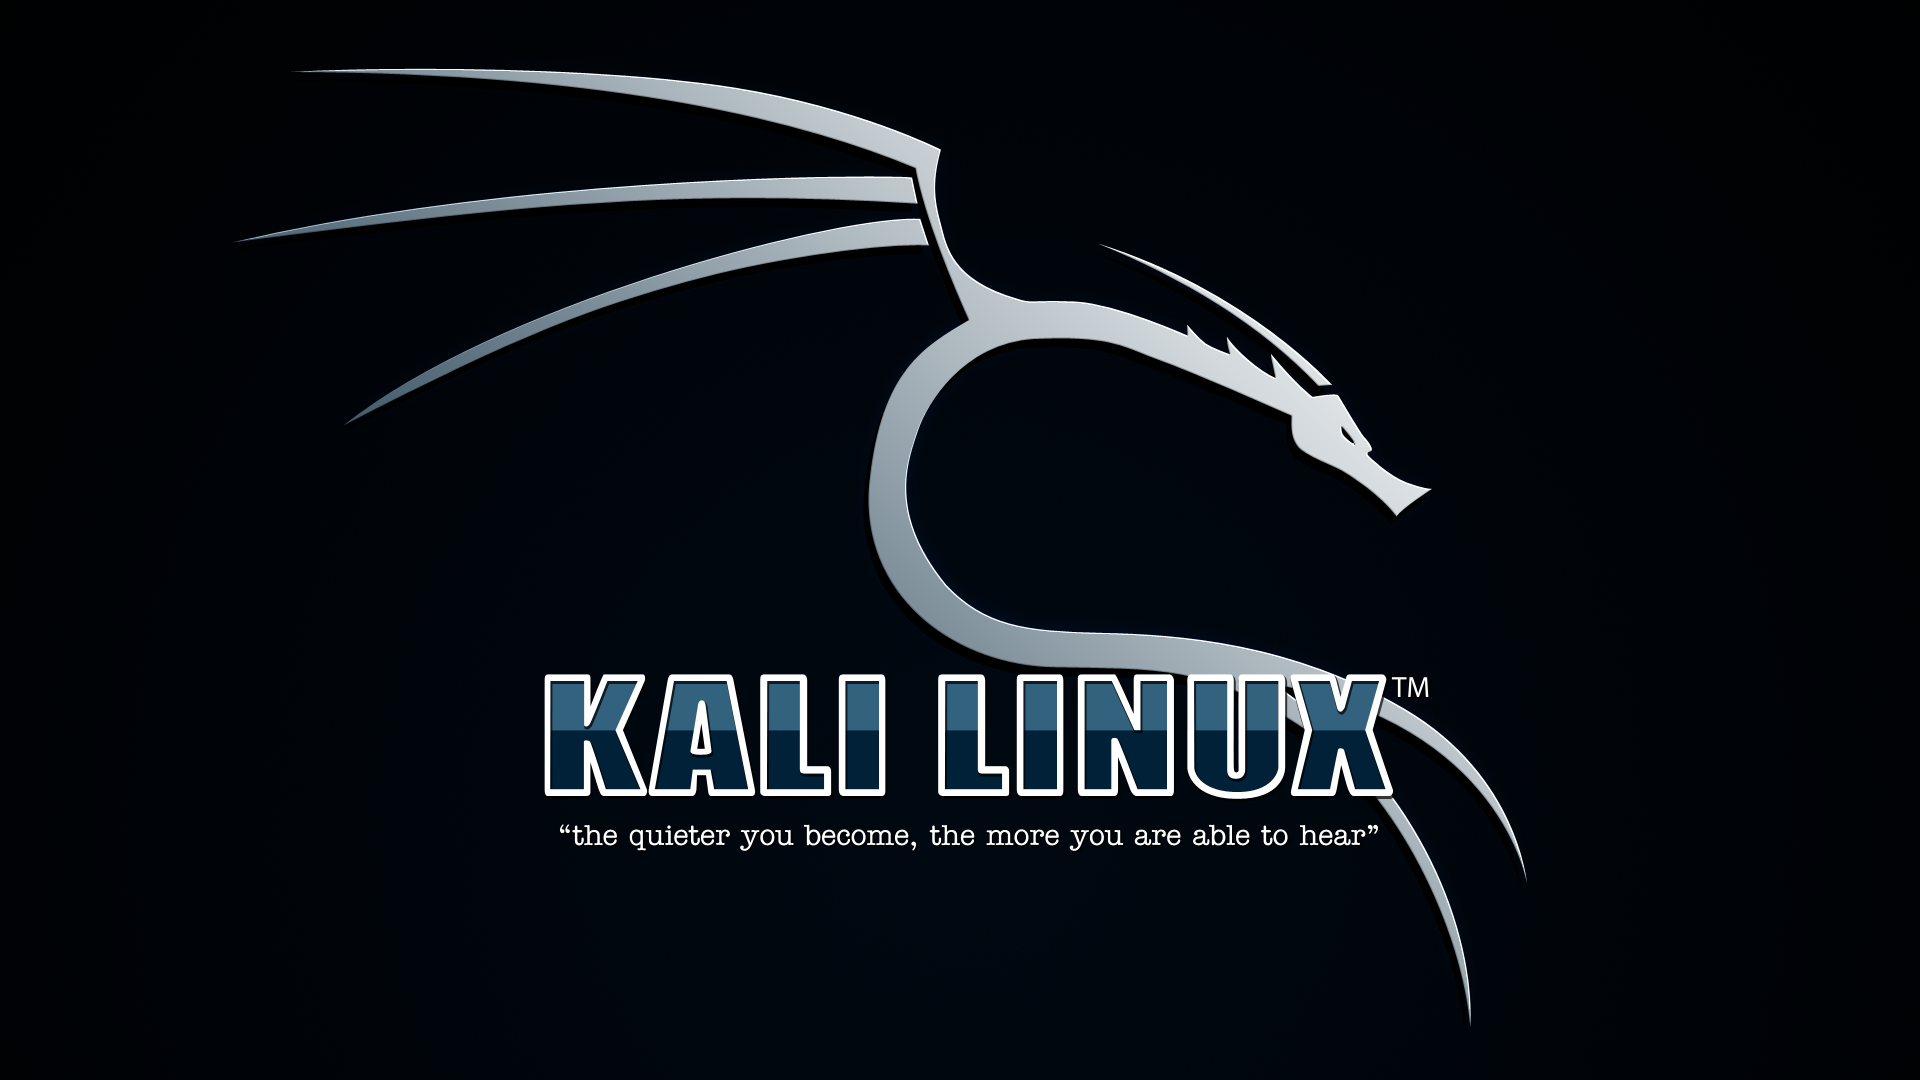 kali_wallpaper_2015_v1_1_0.png